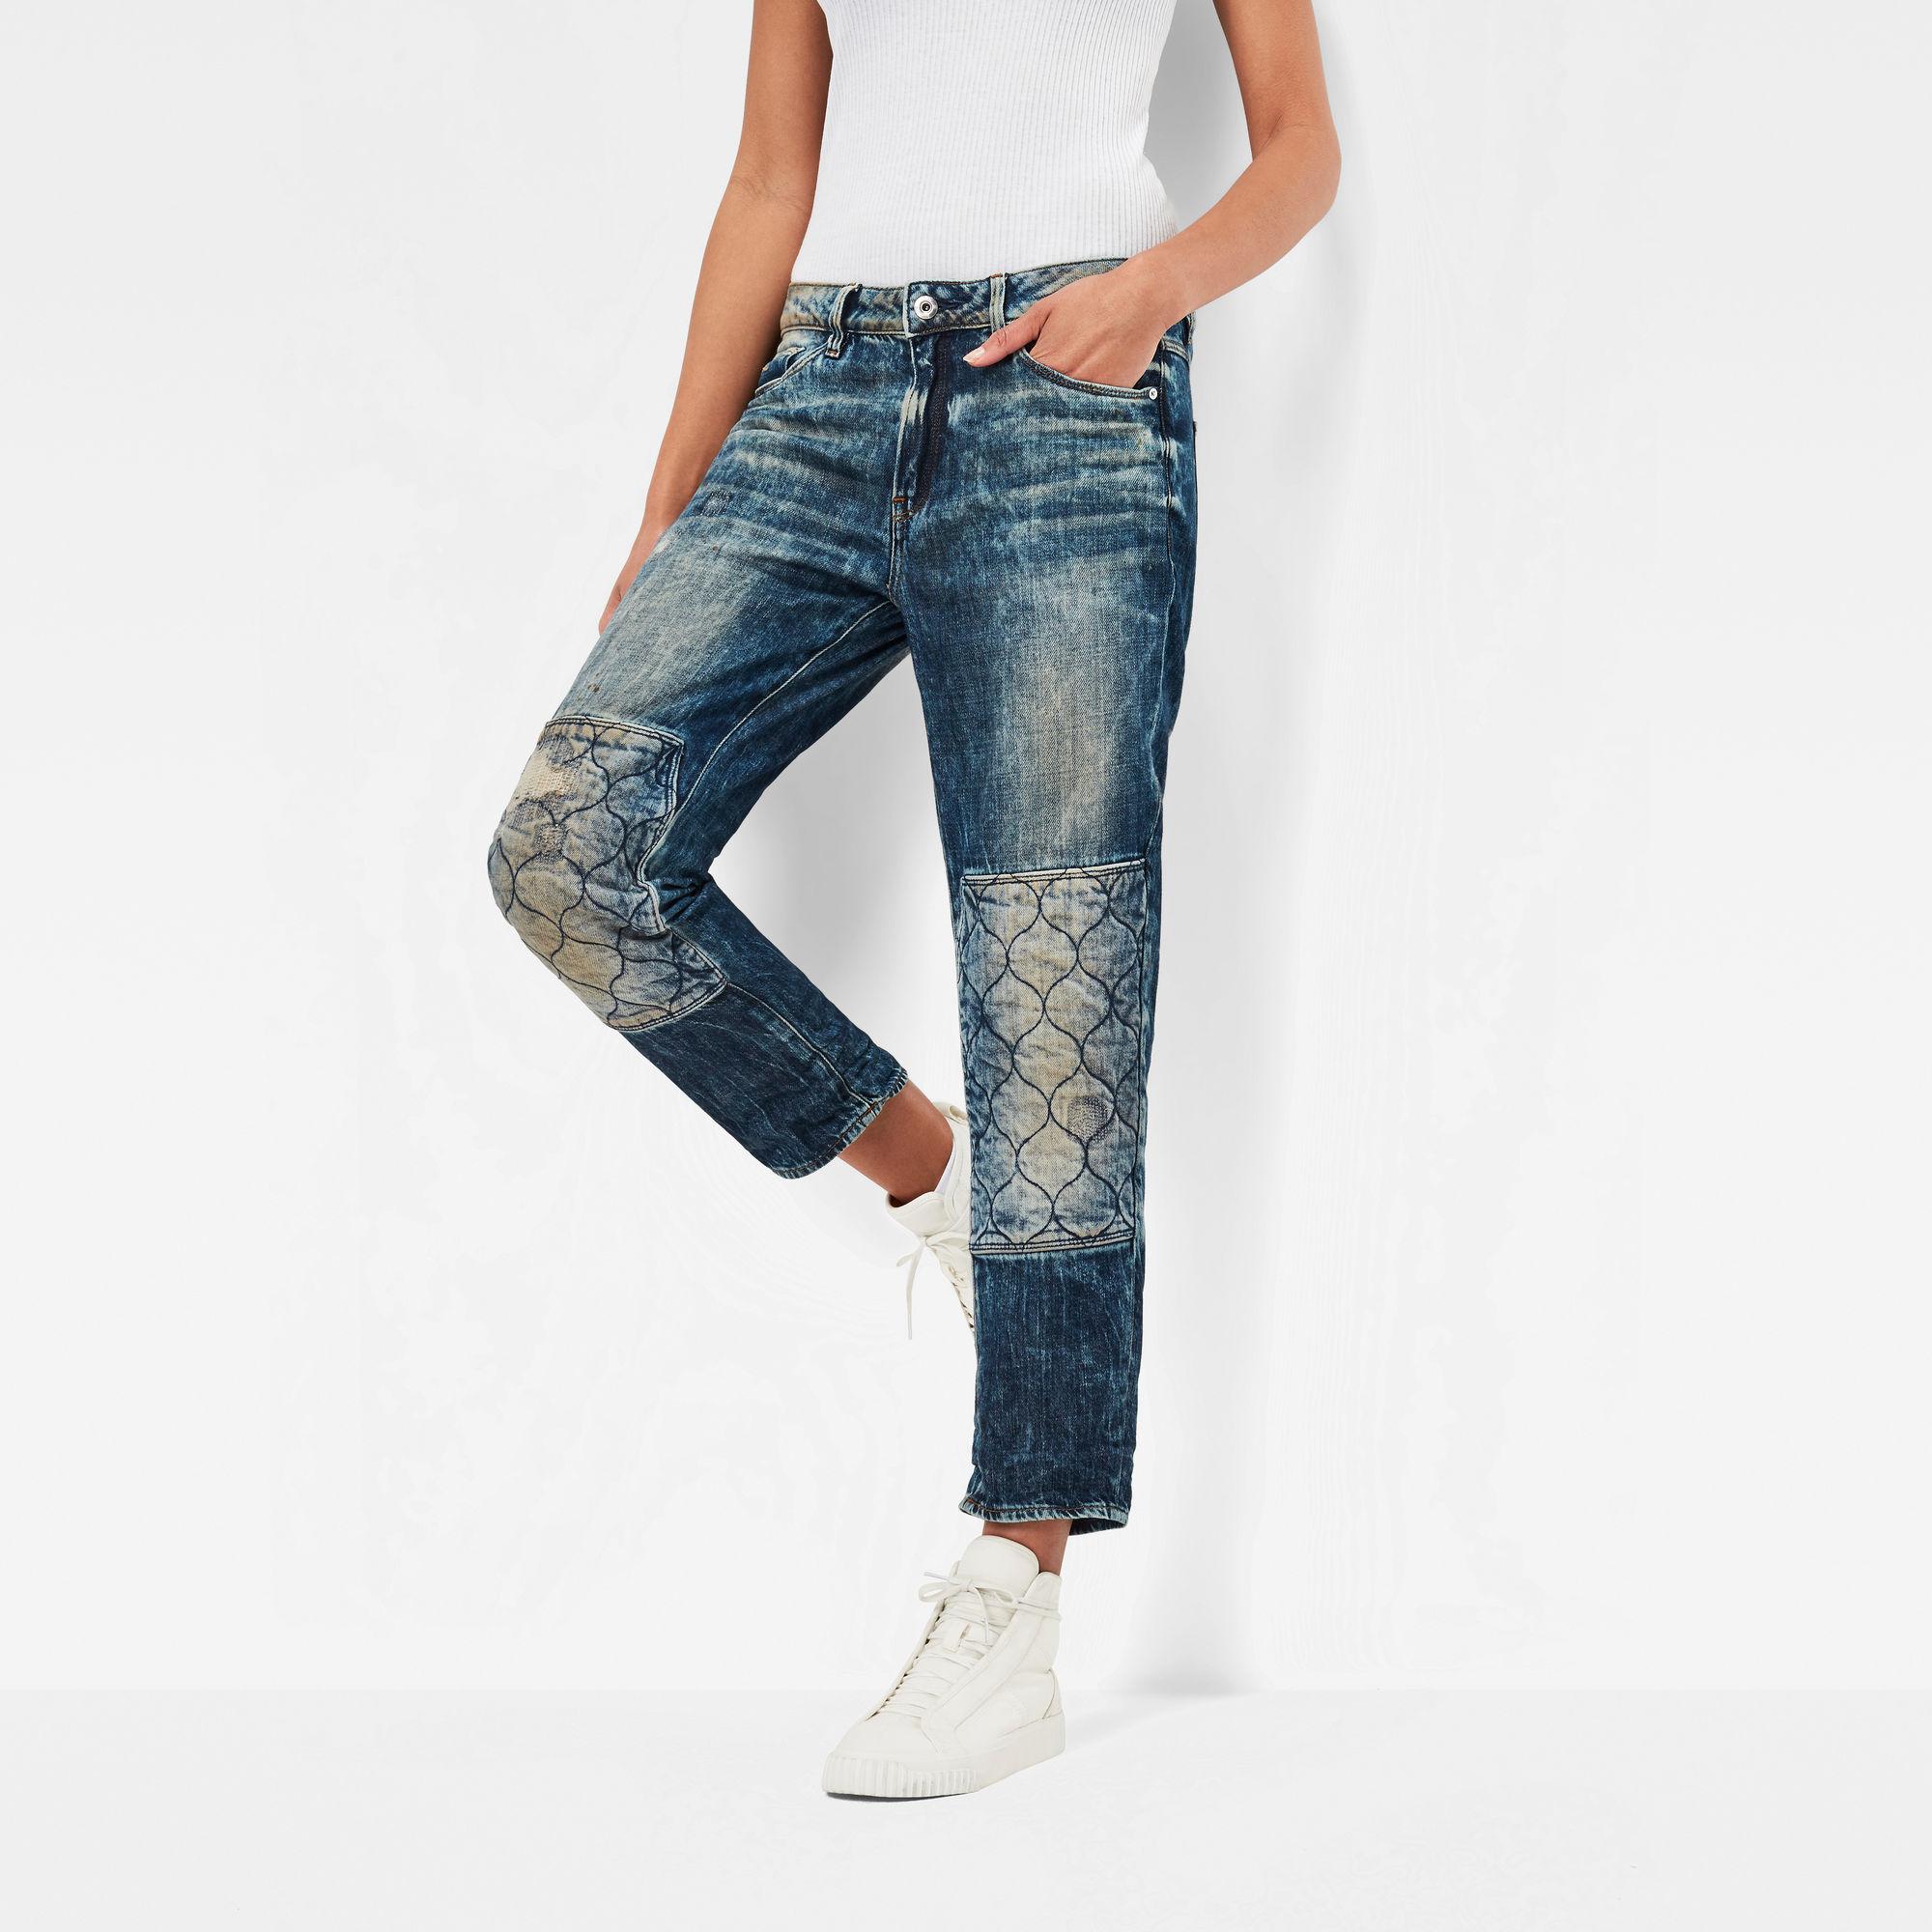 3301 Quilted Denim Mid Waist Boyfriend 7 8 Jeans